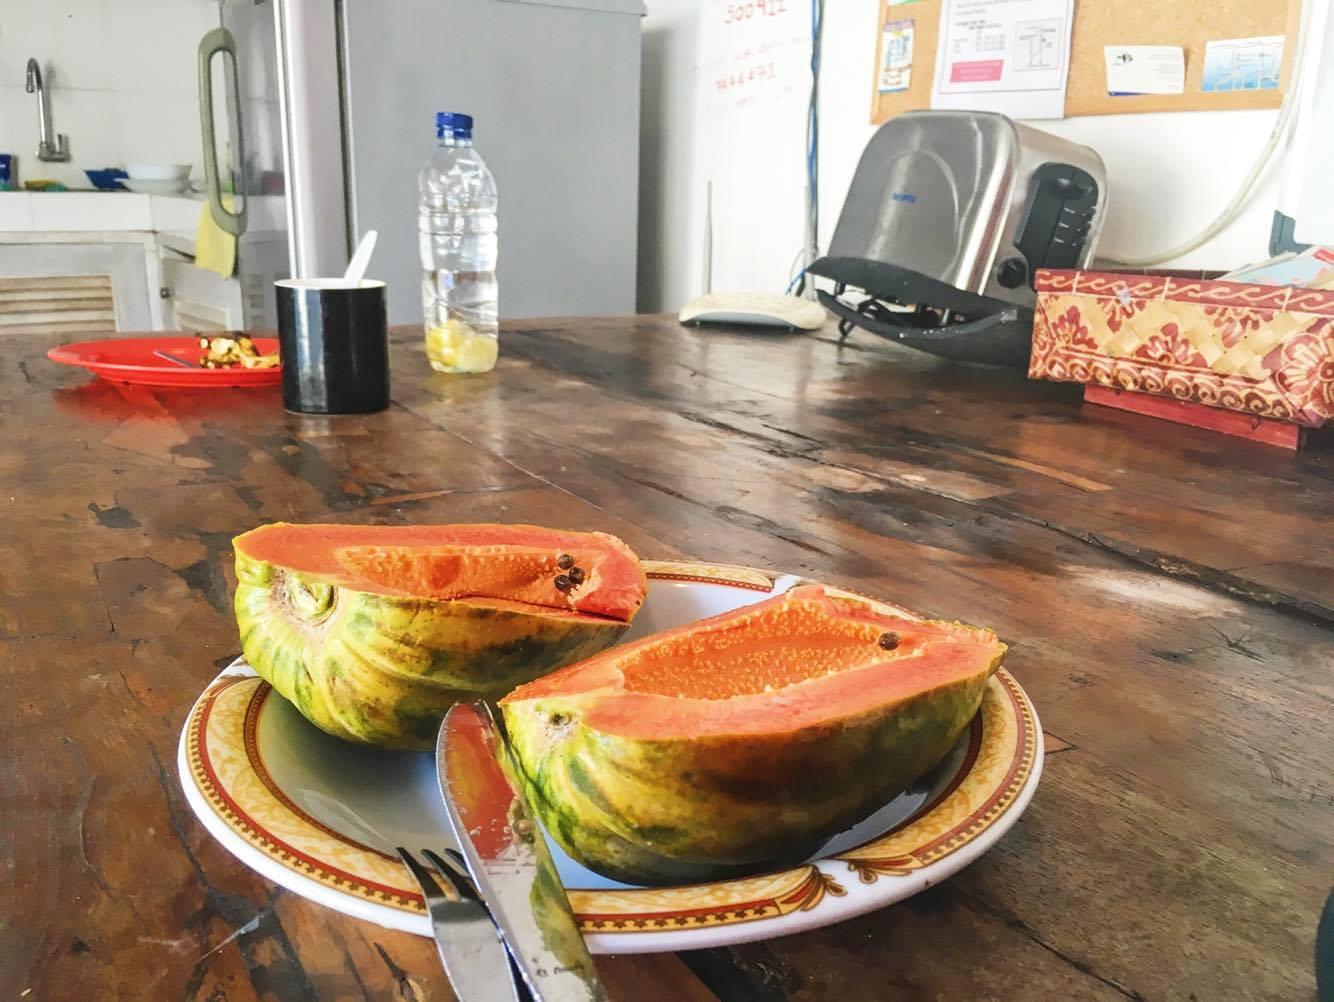 我在共用的餐桌上吃了一顿很便宜,很有异国情调的新鲜木瓜早餐。还有坏掉的(但还能用的)烤面包机。